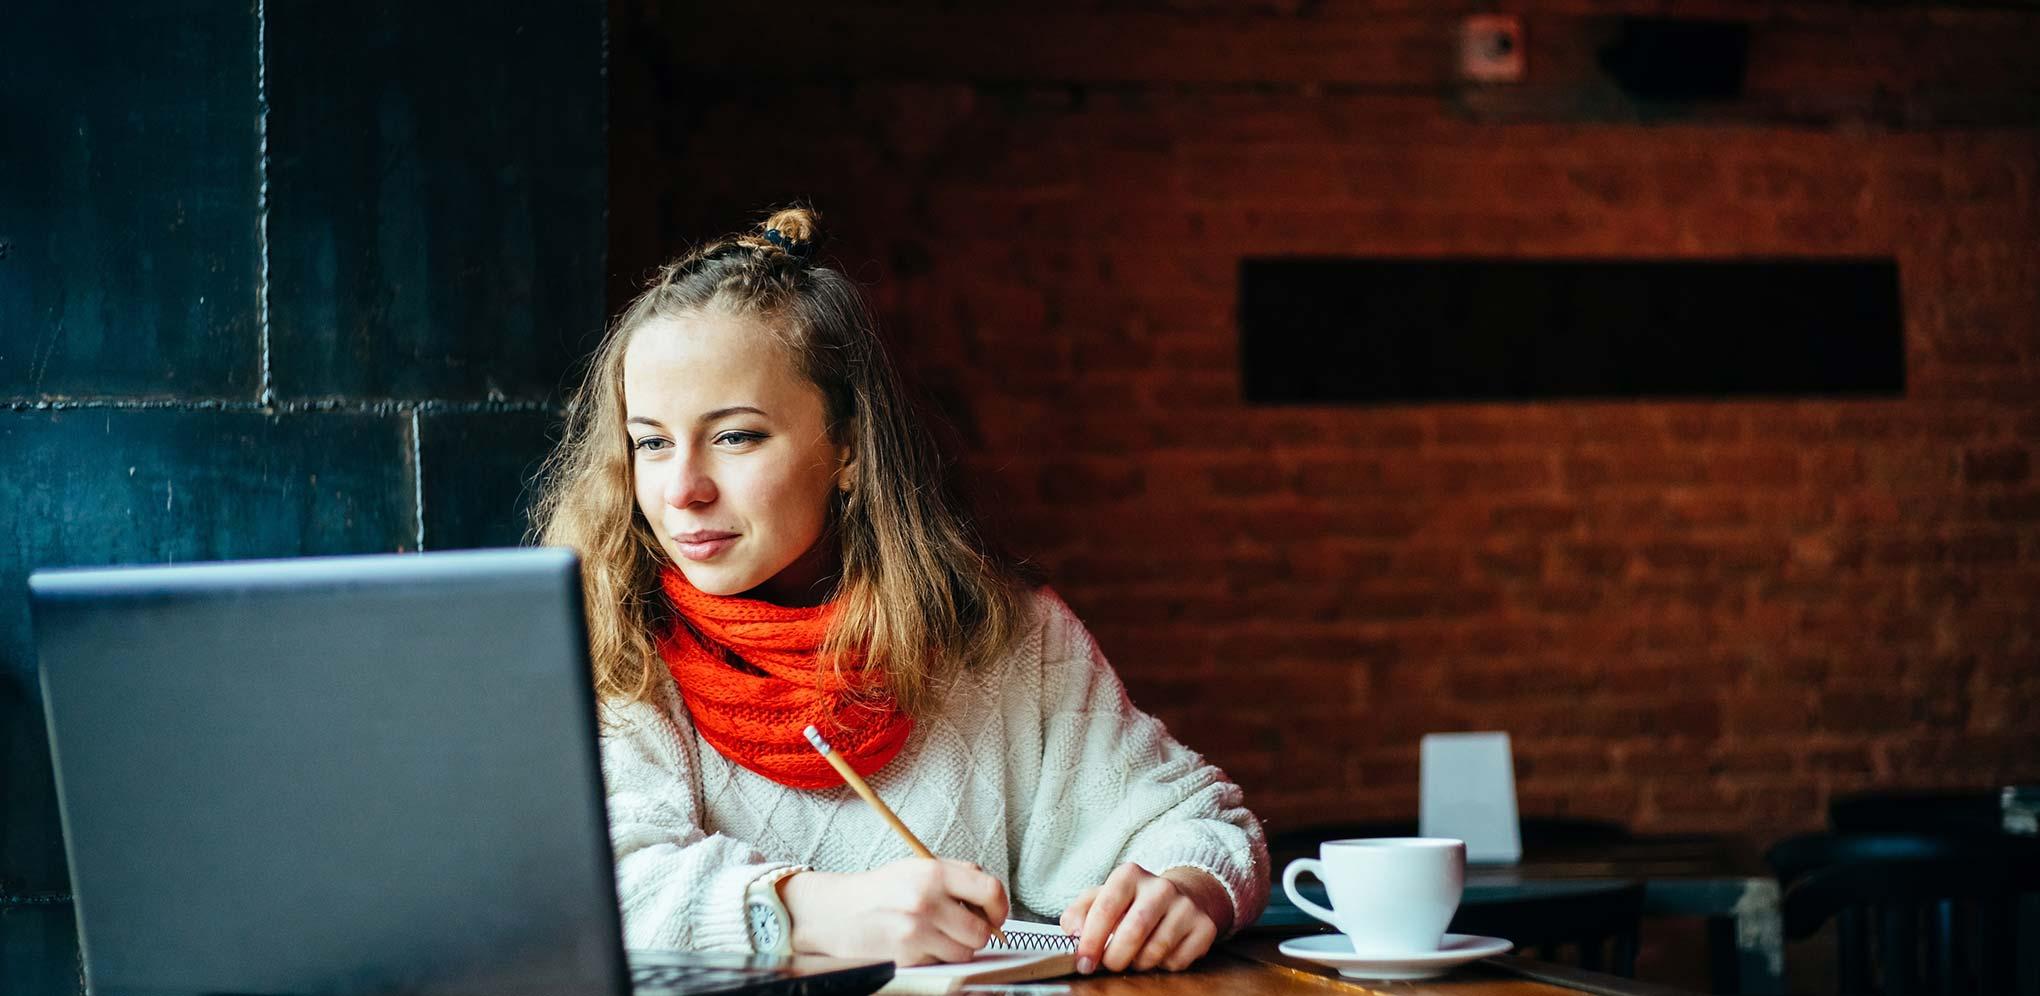 upoznavanje web stranica dobra ideja